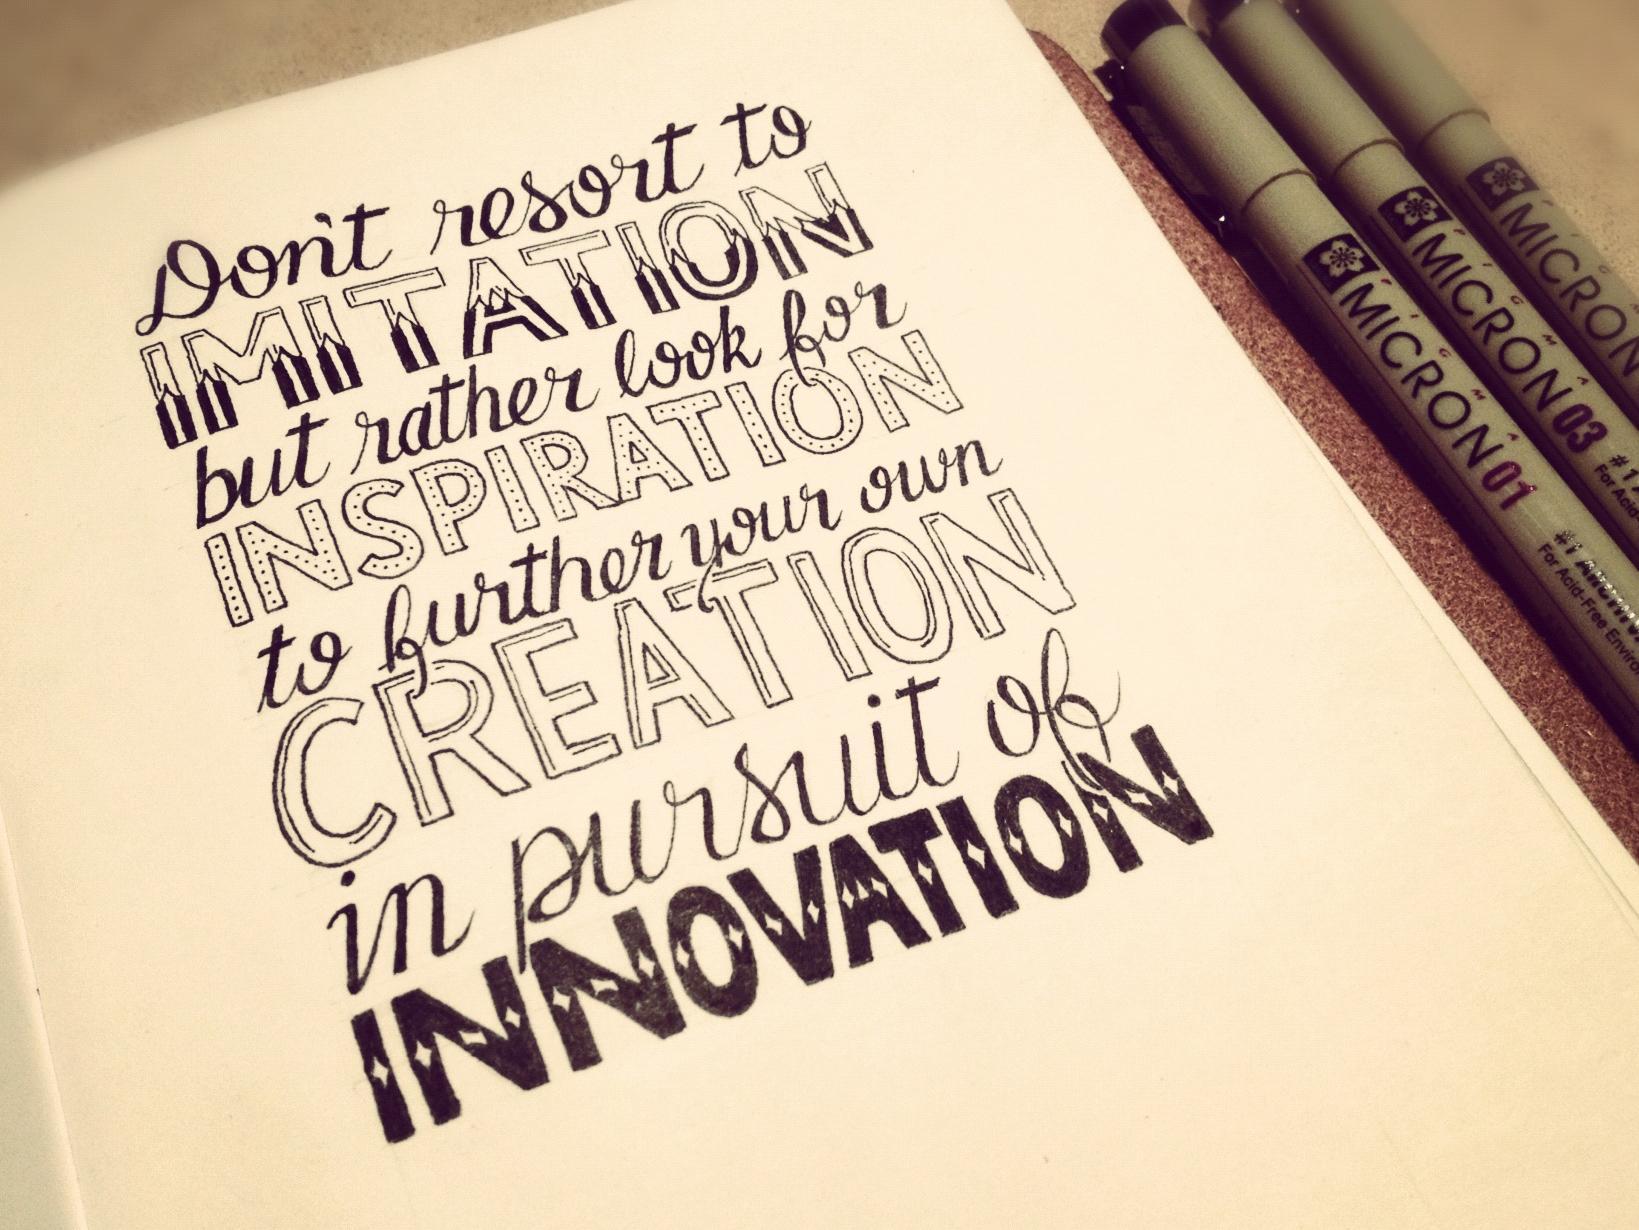 Drawn quote inspirational Com/2012/imitation inspiration http://seanwes http://seanwes innovation